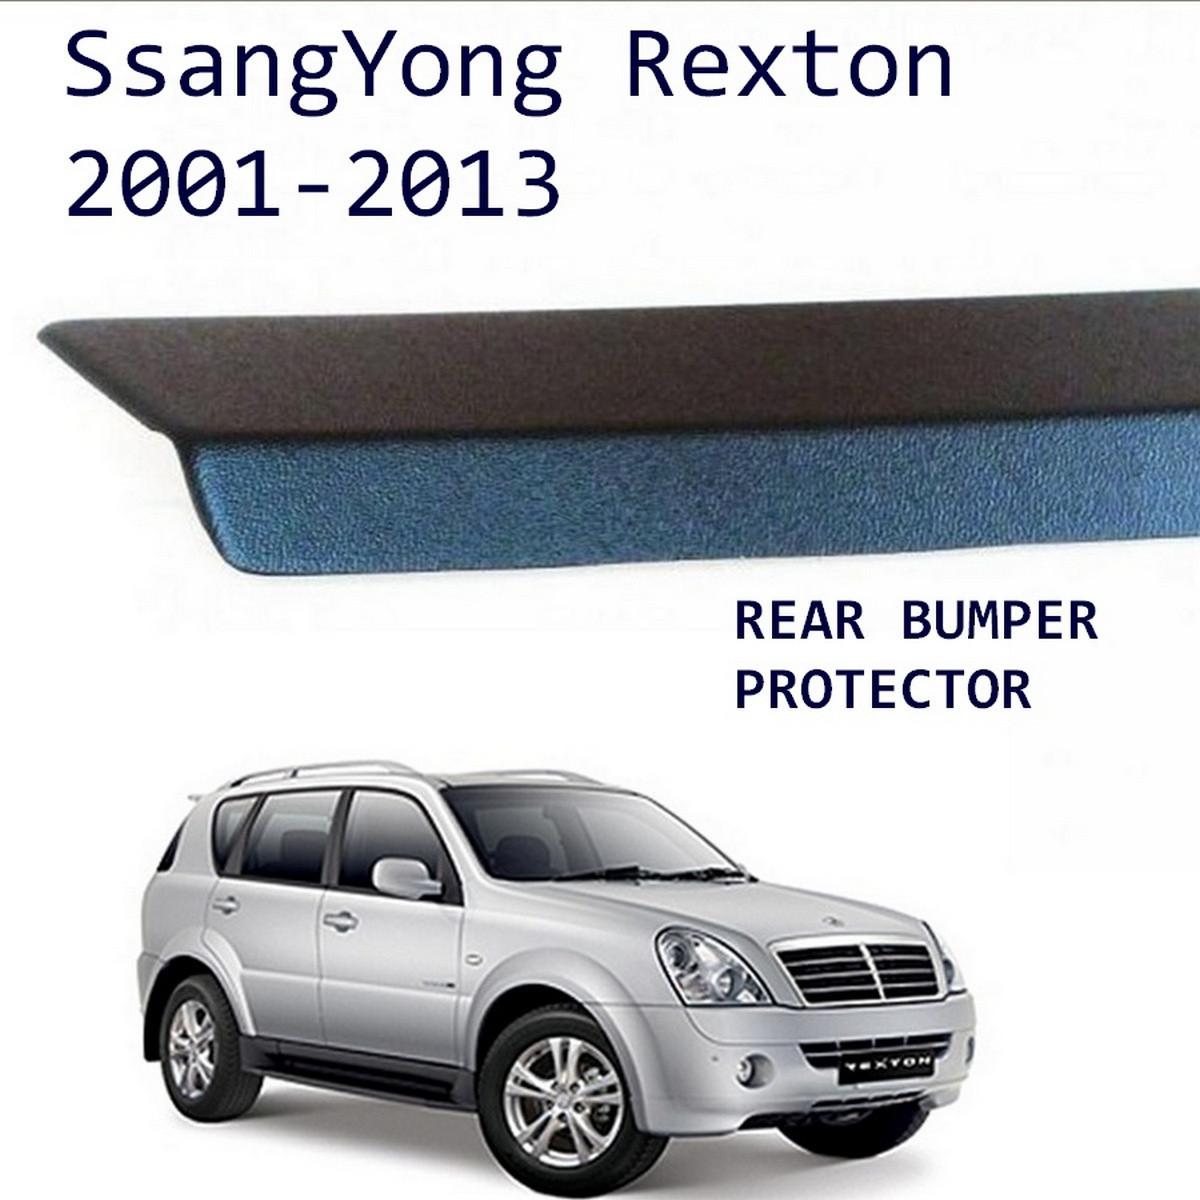 Пластиковая защитная накладка заднего бампера для SsangYong Rexton I,II 2001-2013